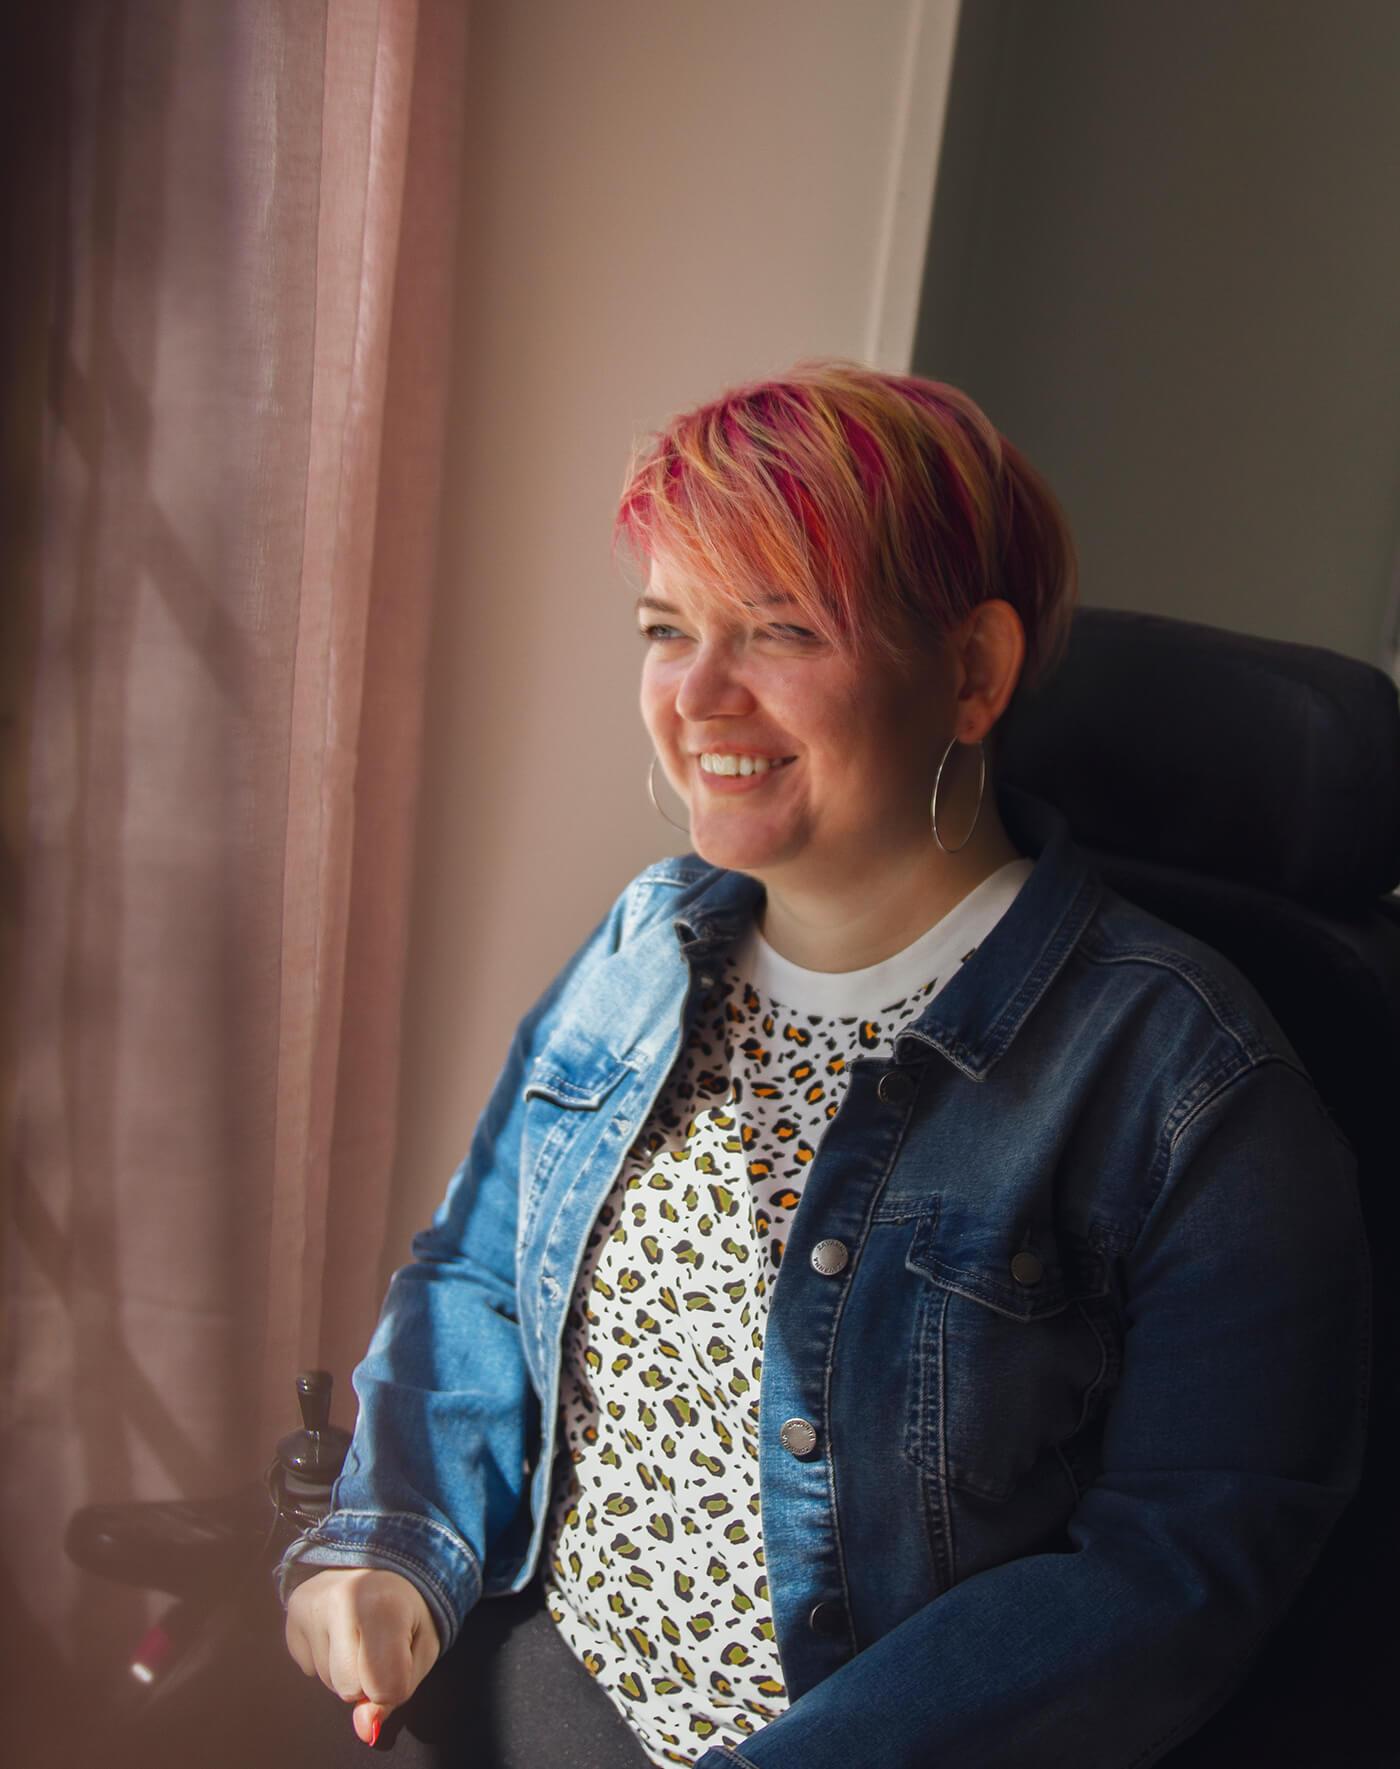 Bilde av Kine Lyngås som kikker til siden. Hun sitter smilende i rullestol. I bakgrunnen skimtes gardiner og en hvit vegg.